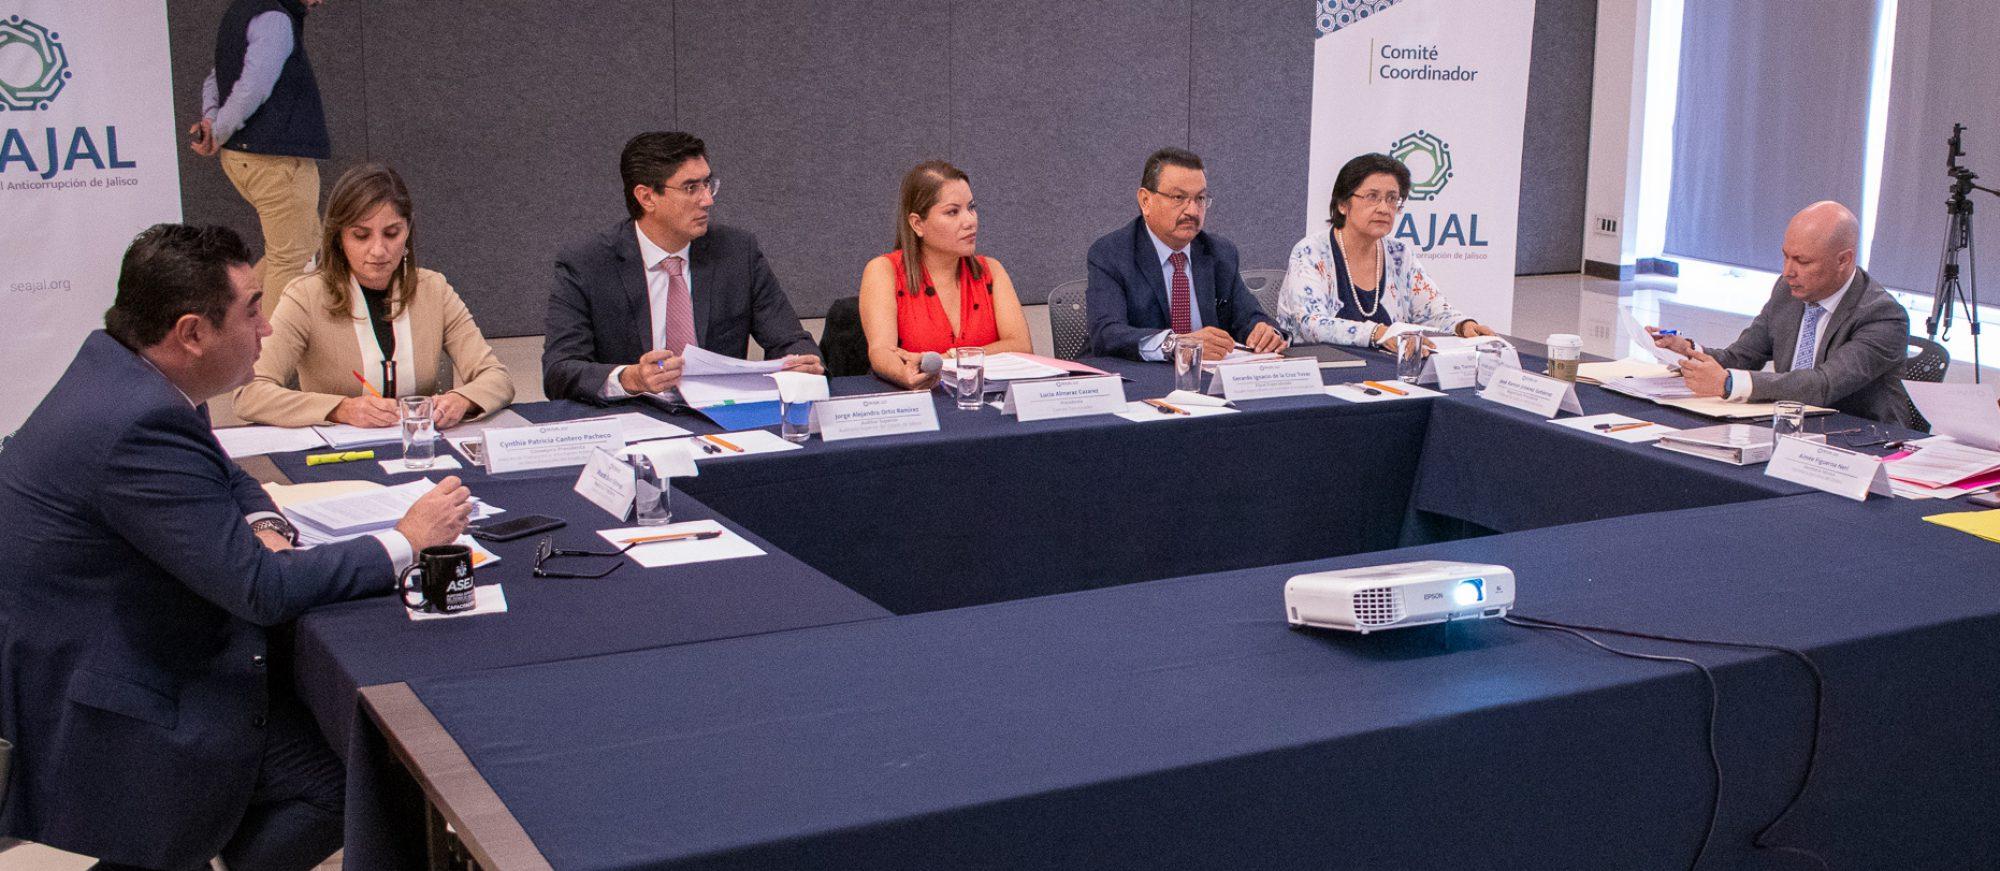 Sistema Estatal Anticorrupción de Jalisco